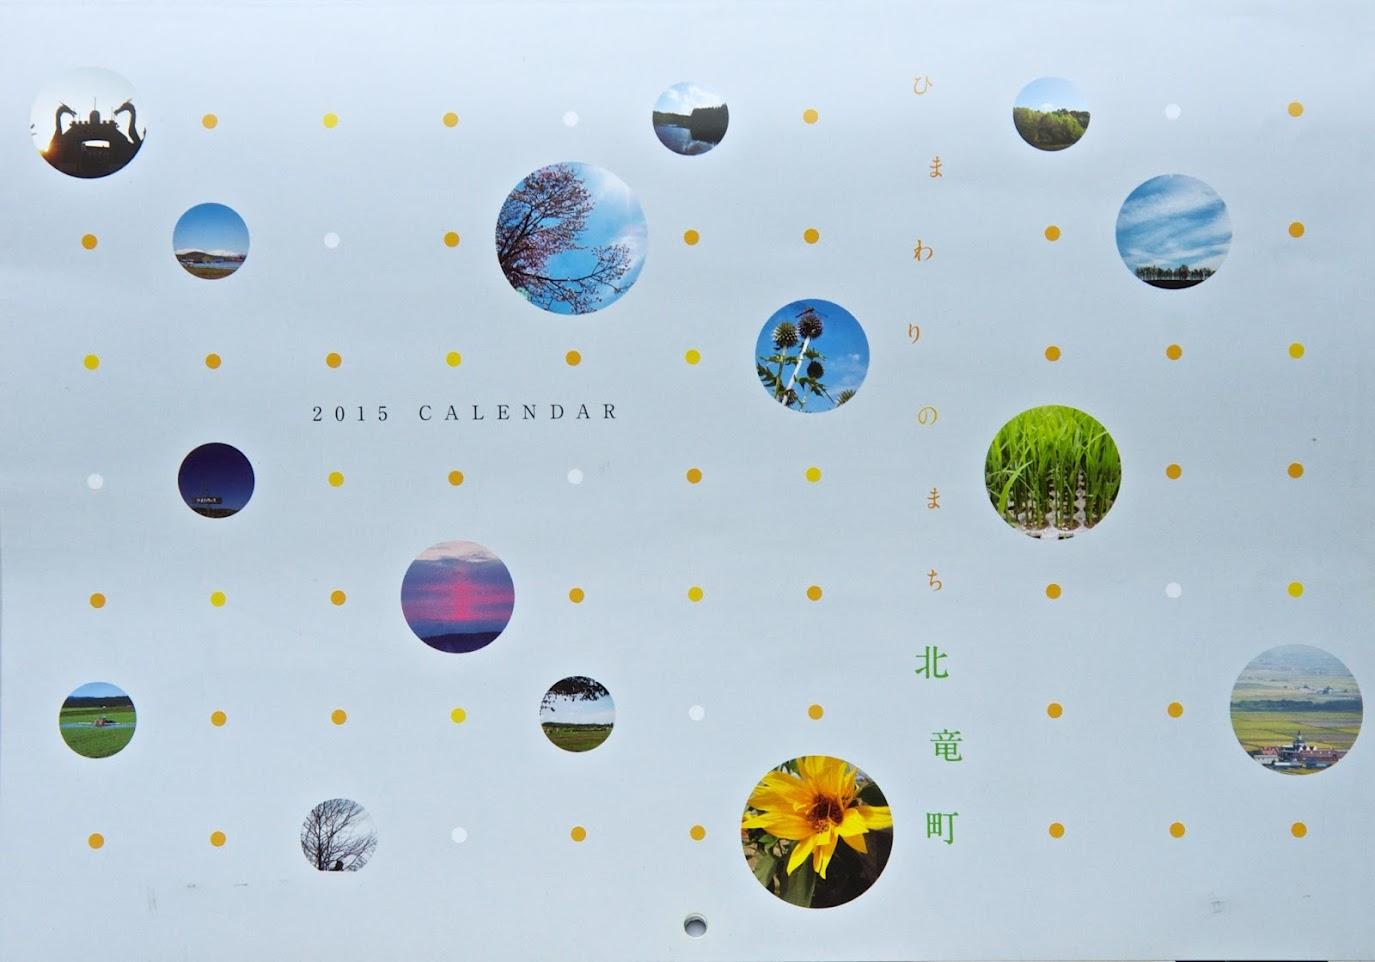 北竜町カレンダー 2015